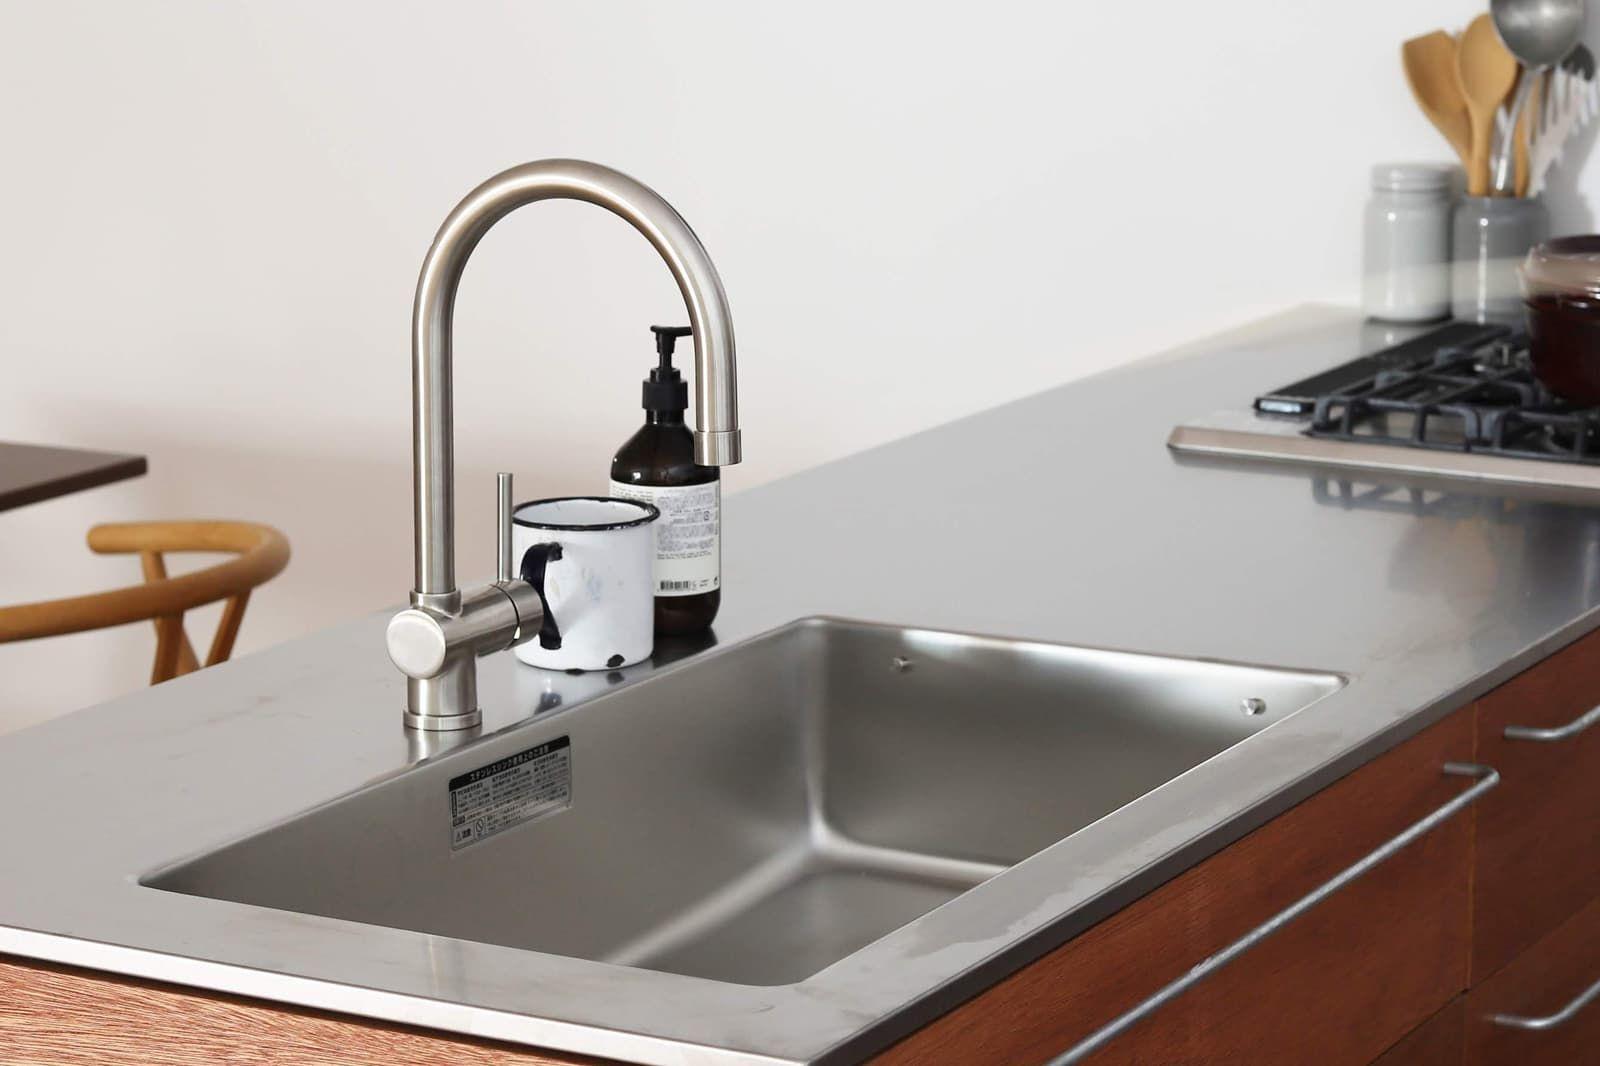 ハンドホース水栓は ほっそりした佇まいとホース式の機能性を兼ね揃えたイタリア製のキッチン水栓 引き出さない時の姿も美しい 使い勝手のいい水栓です システムキッチン キッチン インテリア